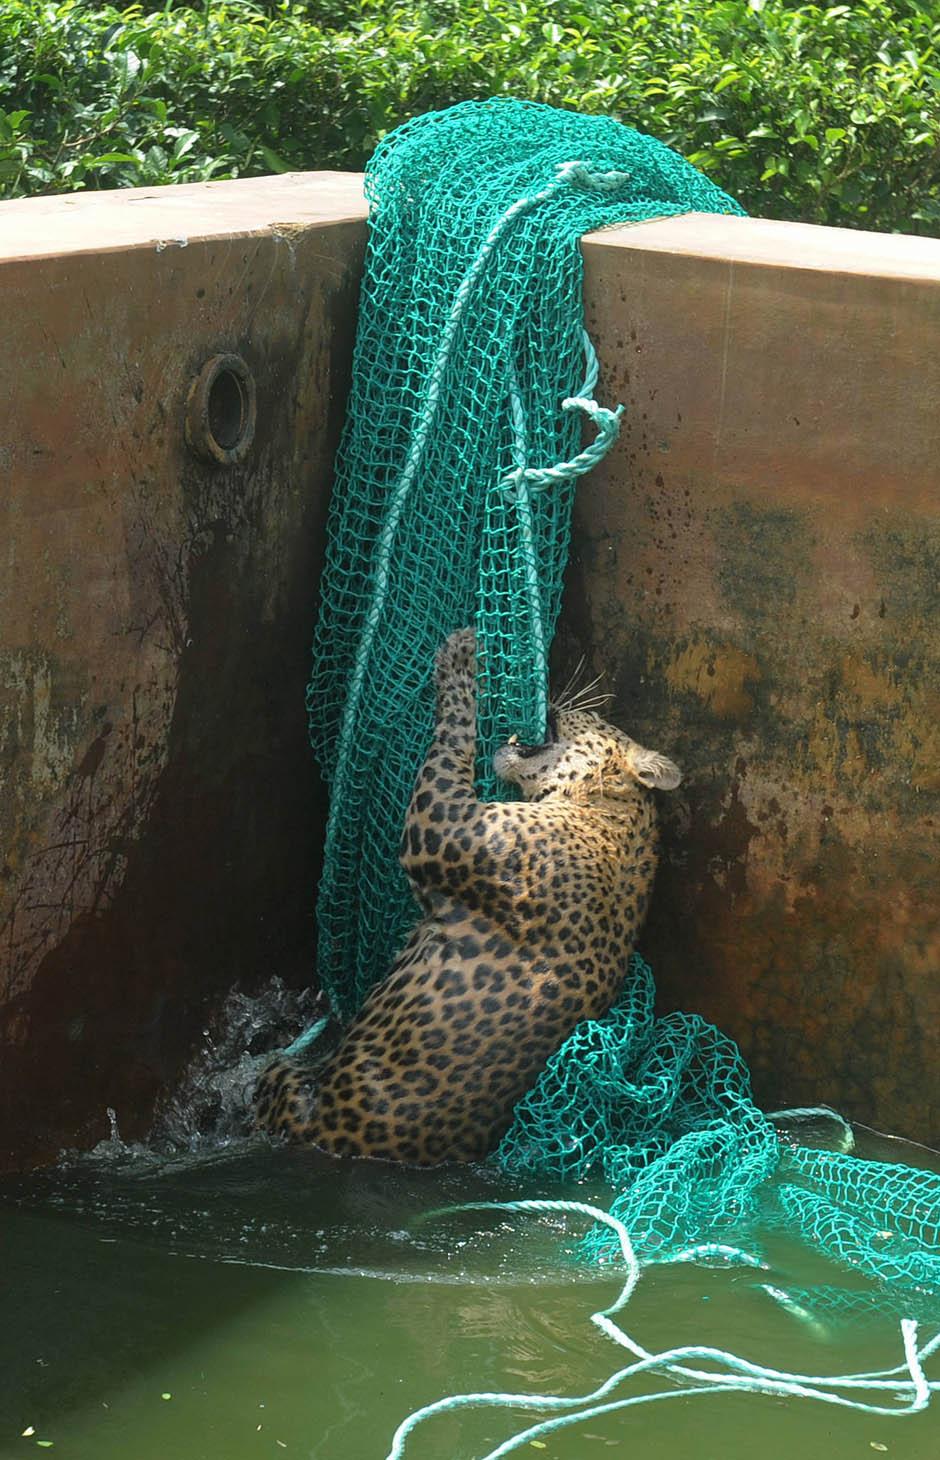 4151 Осталось восемь жизней   дикий леопард спасся, упав в резервуар с водой